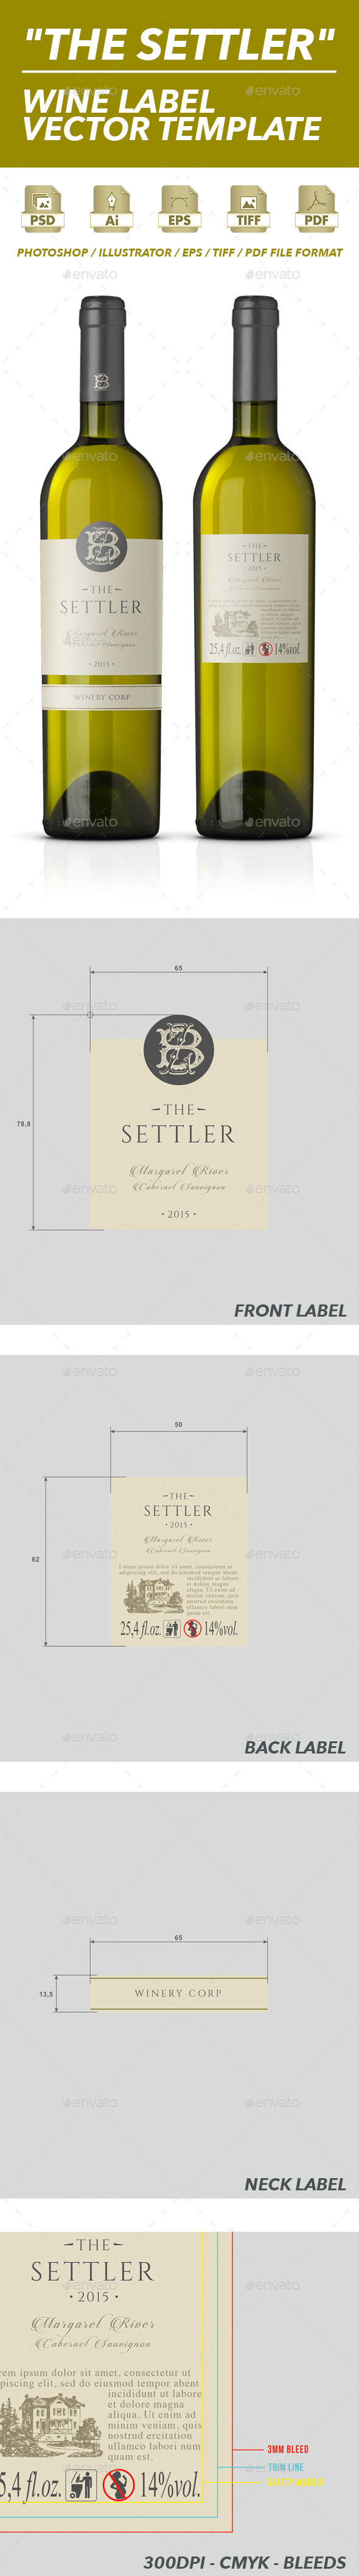 White Wine Label Vector Template